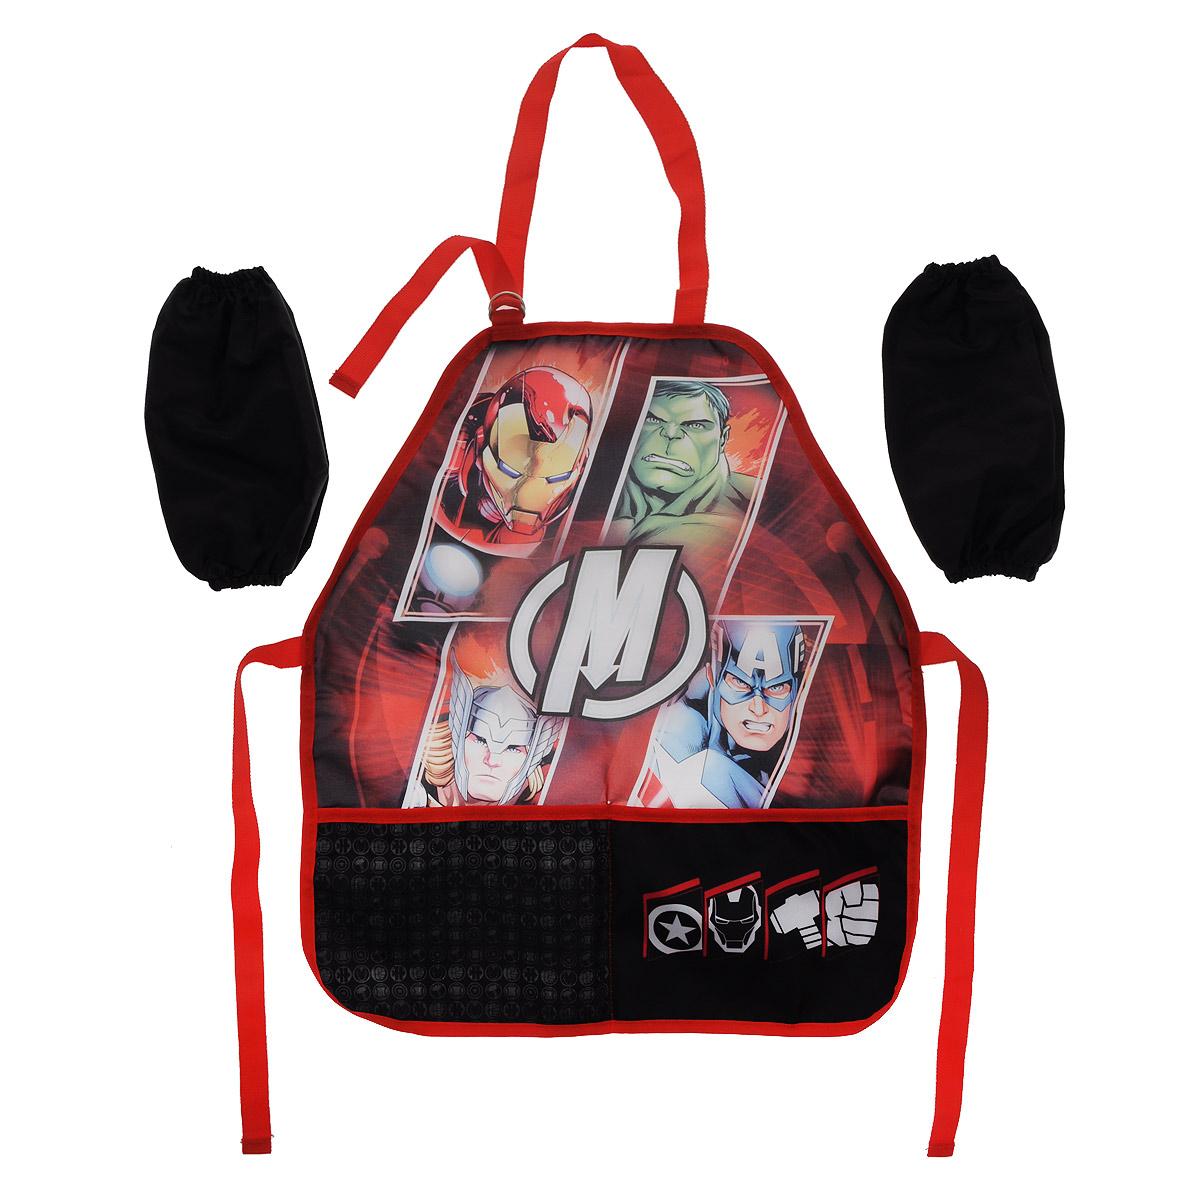 Фартук  Мстители , с нарукавниками, цвет: черно-красный -  Аксессуары для труда